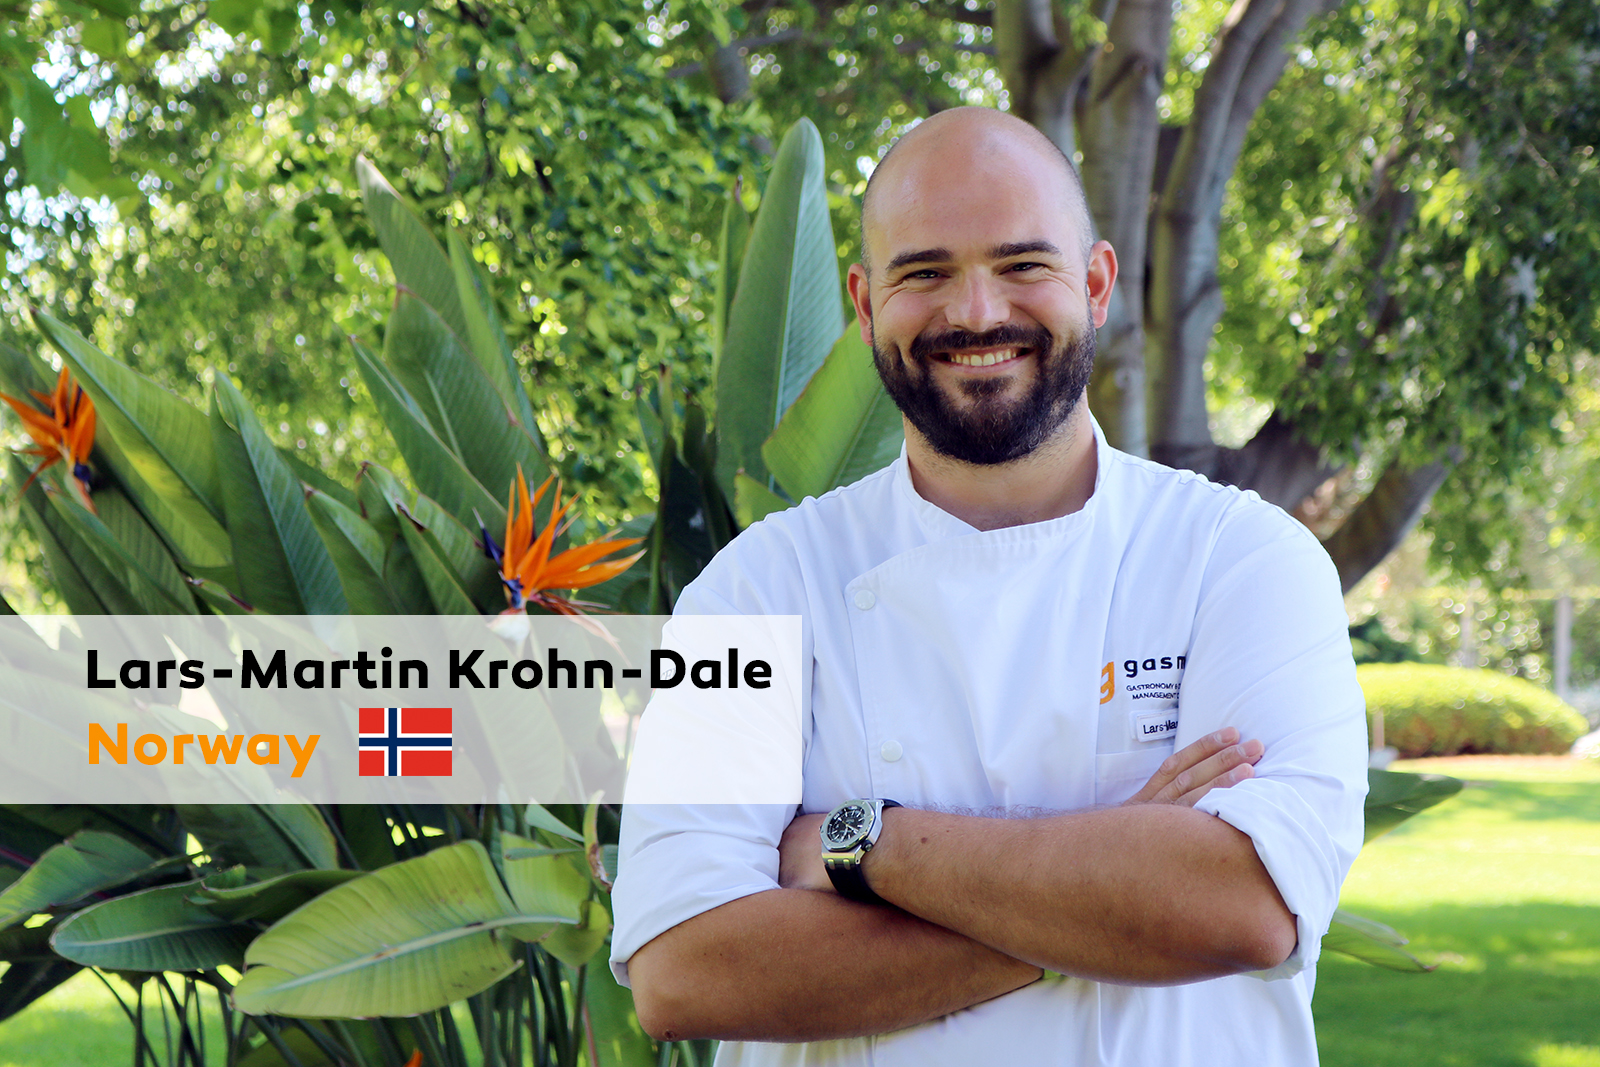 Lars-Martin Krohn-Dale